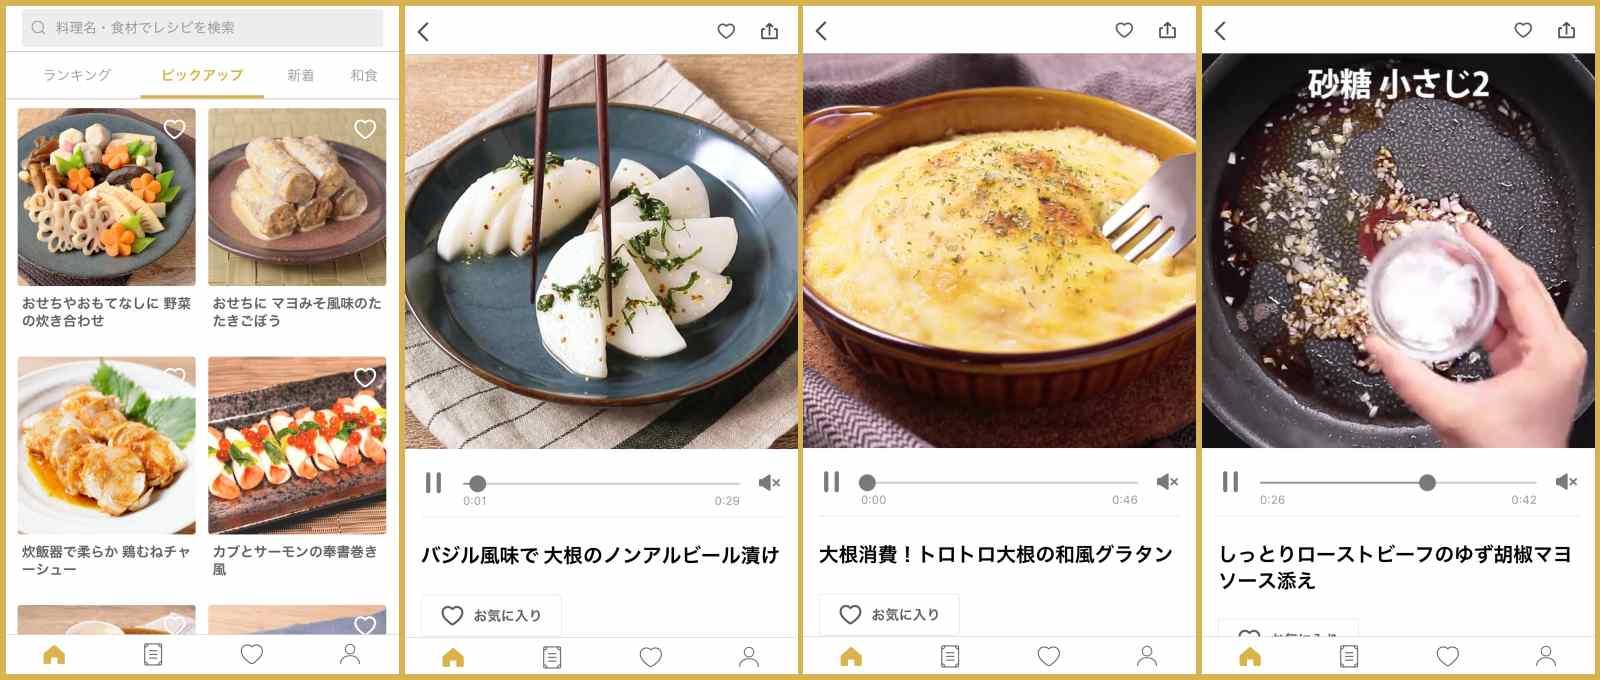 料理レシピ動画アプリ「kurashiru」